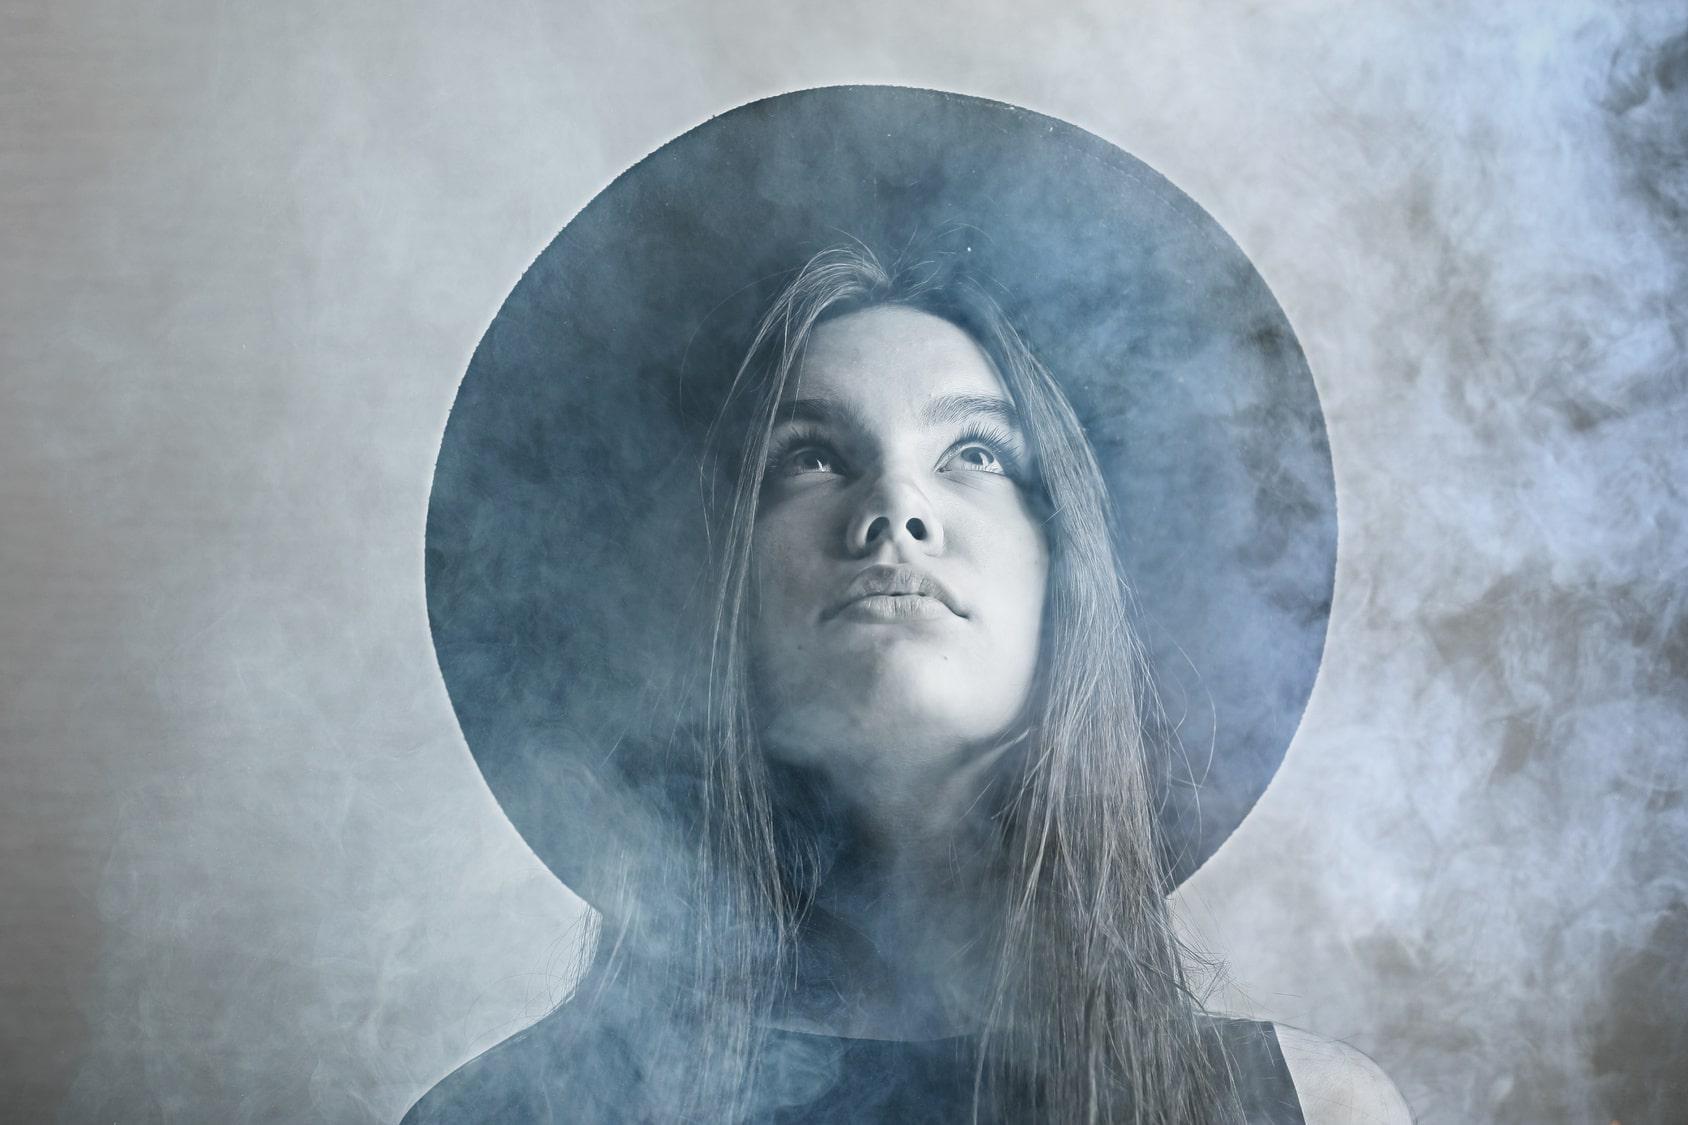 Eine junge Frau steht im Nebel und schaut in die Luft. Ihre Gesichtsmimik zeigt ganz klar, dass sie mit dem Programm der unibee Institute erfolgreich ihr Selbstbewusstsein stärken konnte. Die Frau hat lange braune Haare und einen Schmollmund. Mehr als das Gesicht und der Nebel ist auf diesem Bild nicht zu erkennen.